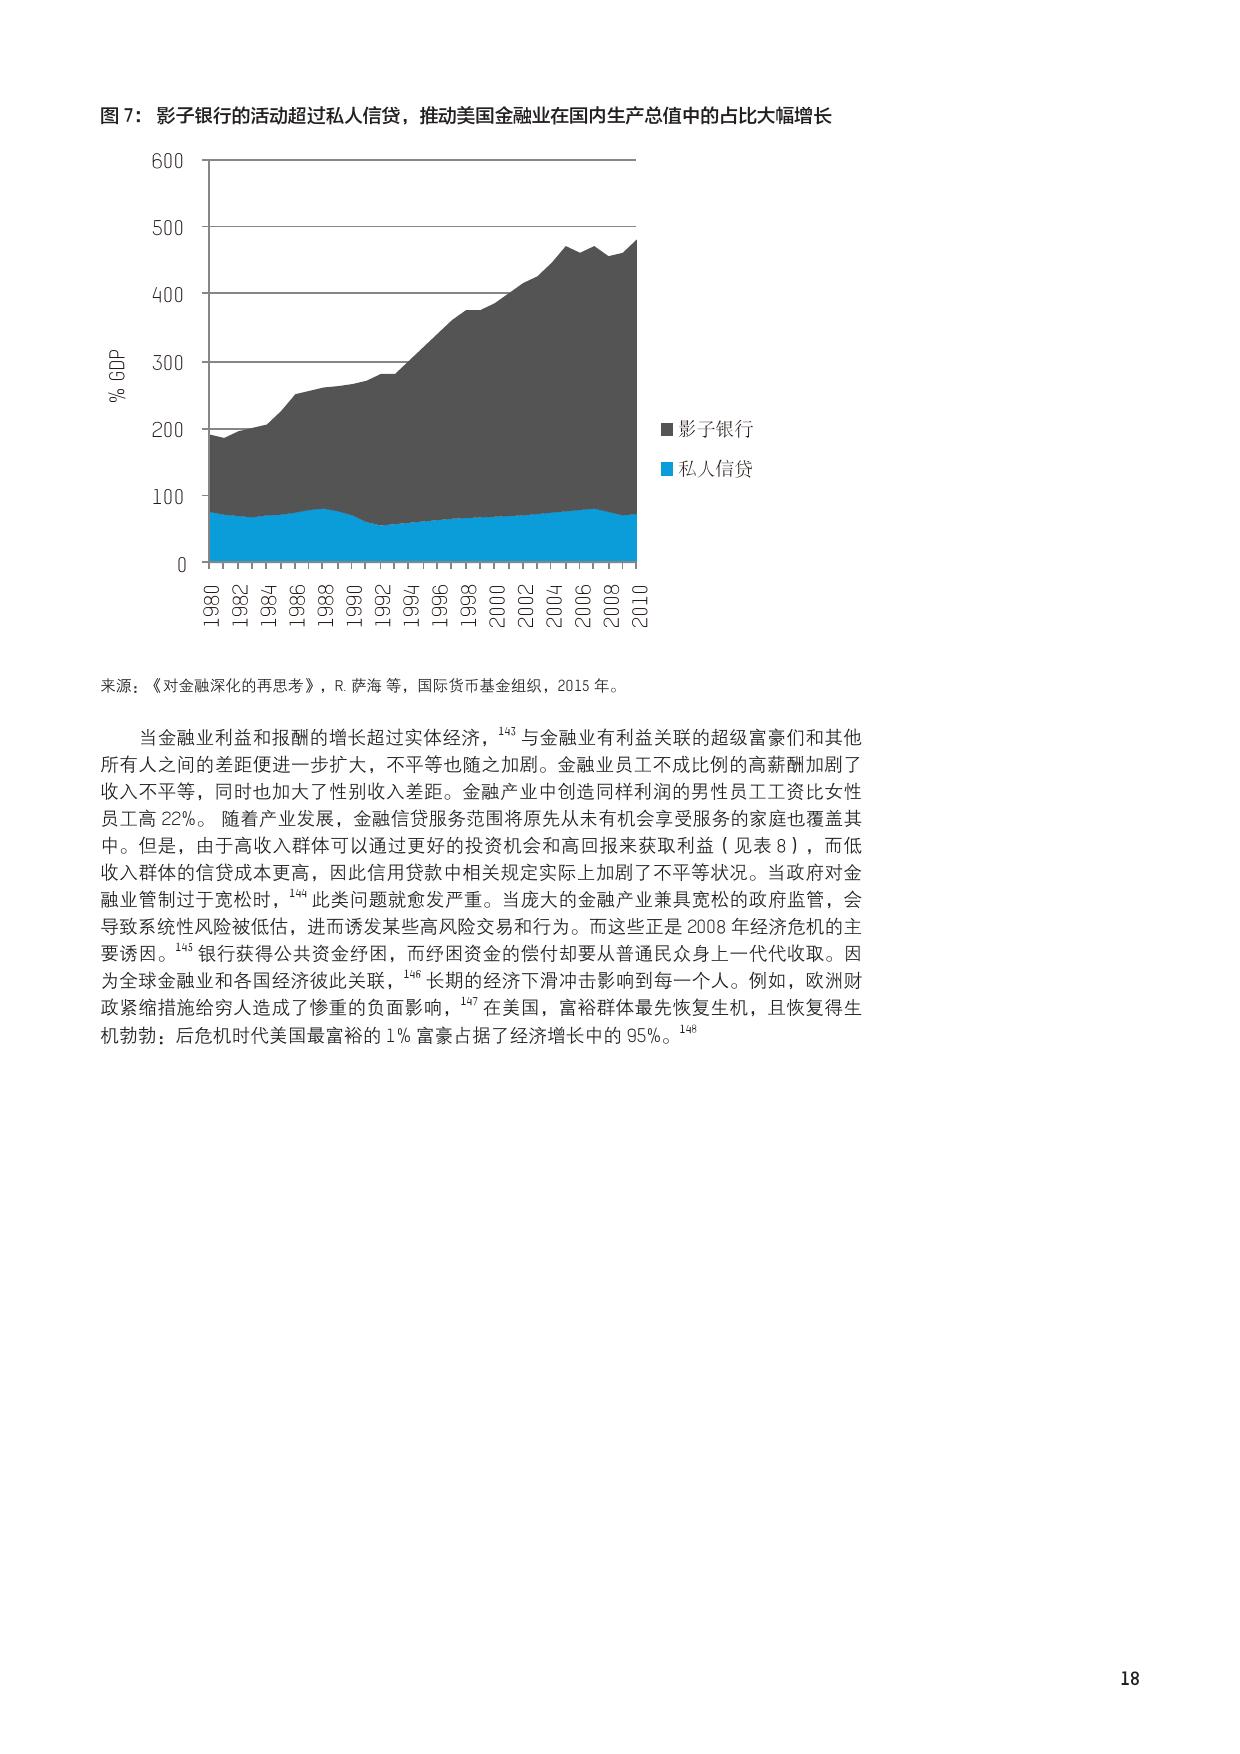 1%人的经济_000019